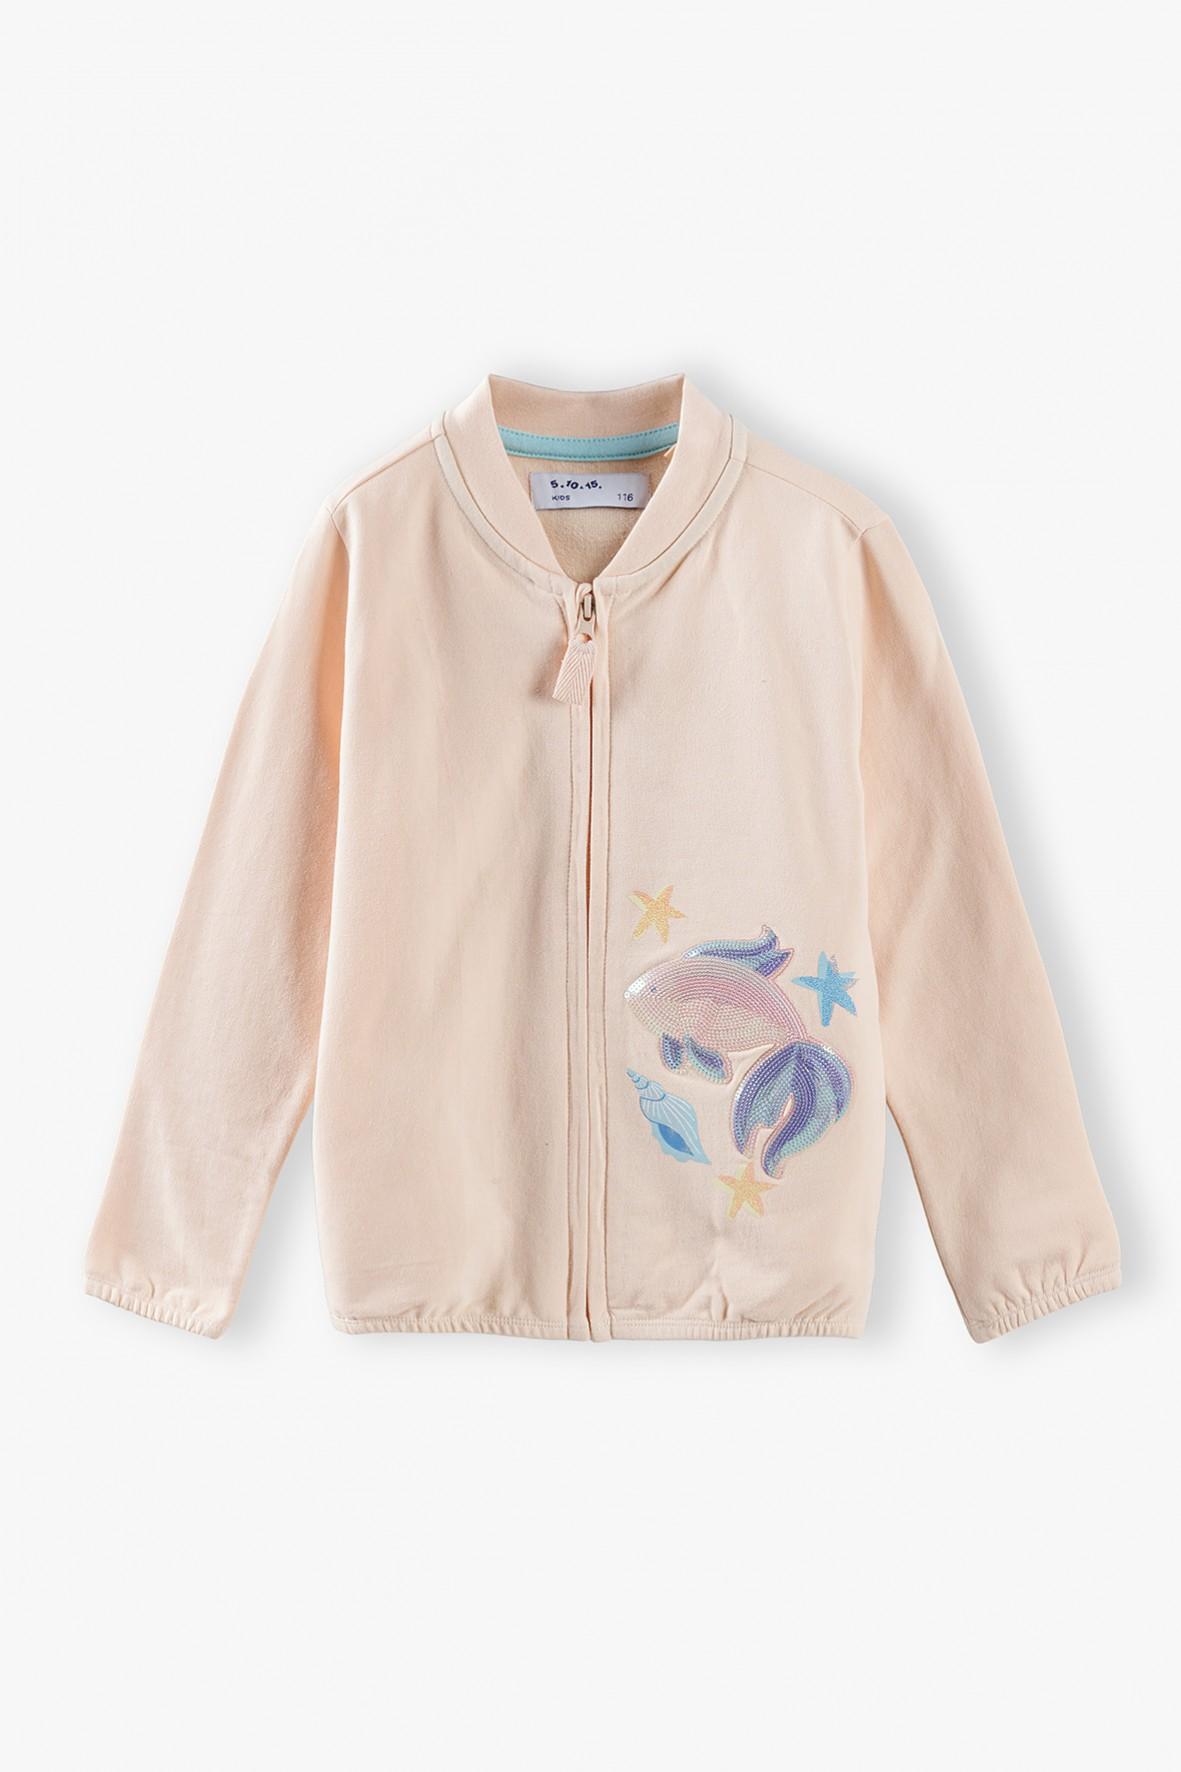 Bluza dresowa dziewczęca połyskującą z rybką - różowa